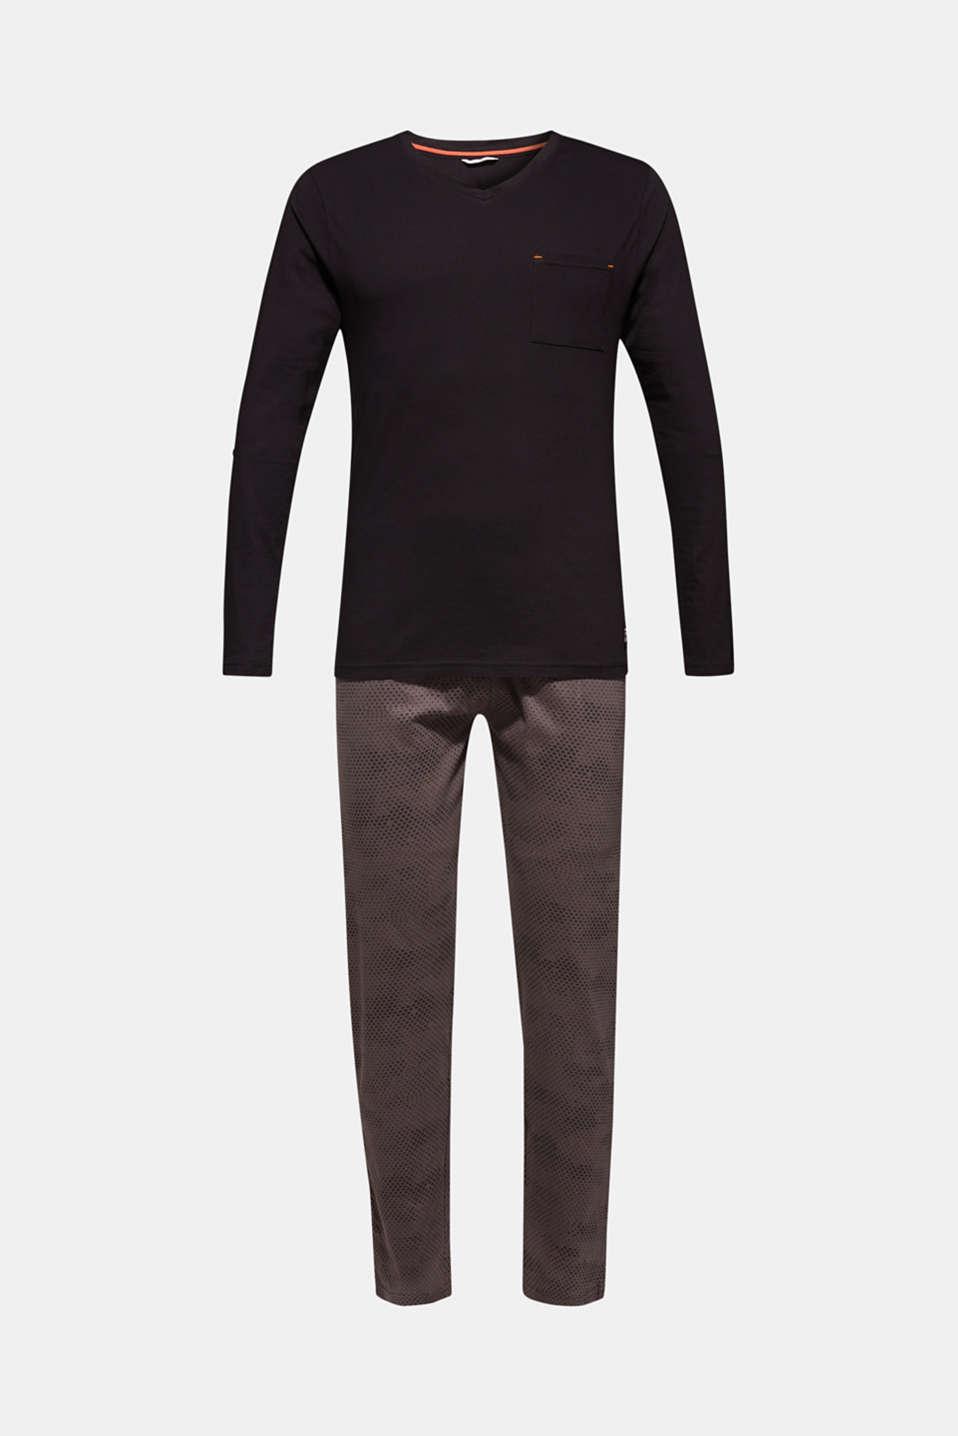 Printed jersey pyjamas, 100% cotton, BLACK, detail image number 4